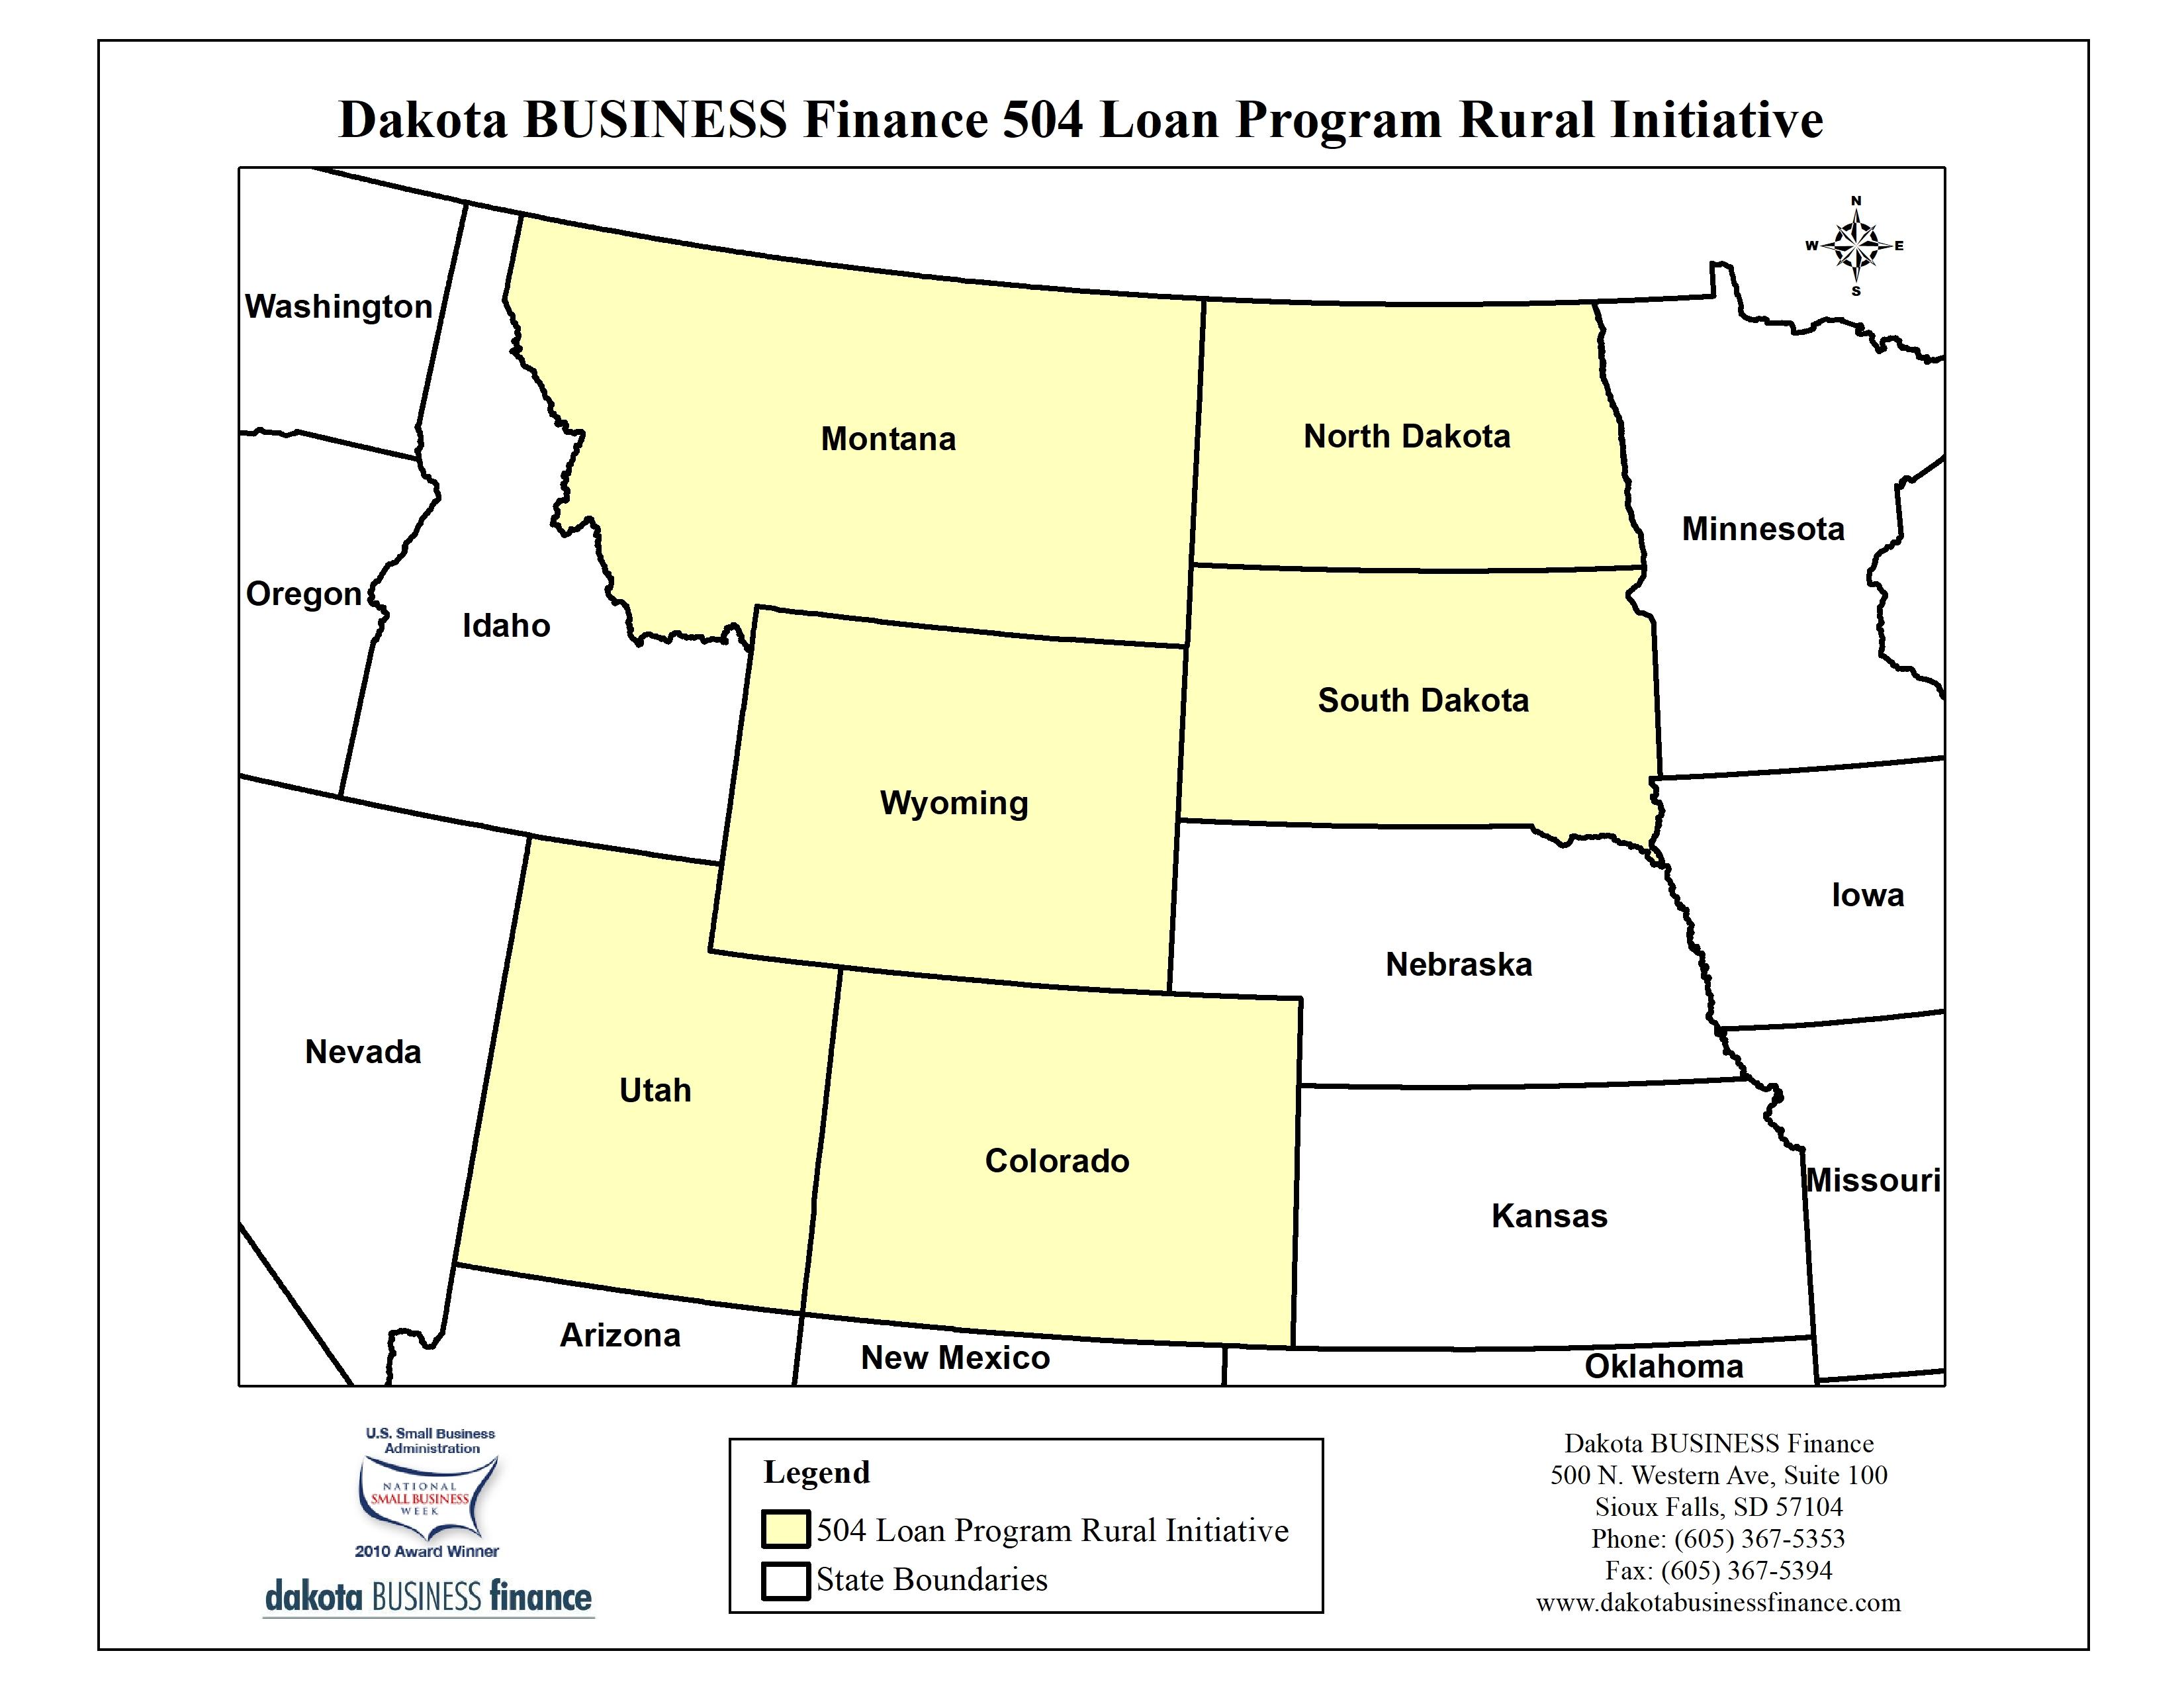 DBF Rural Initiative program coverage area